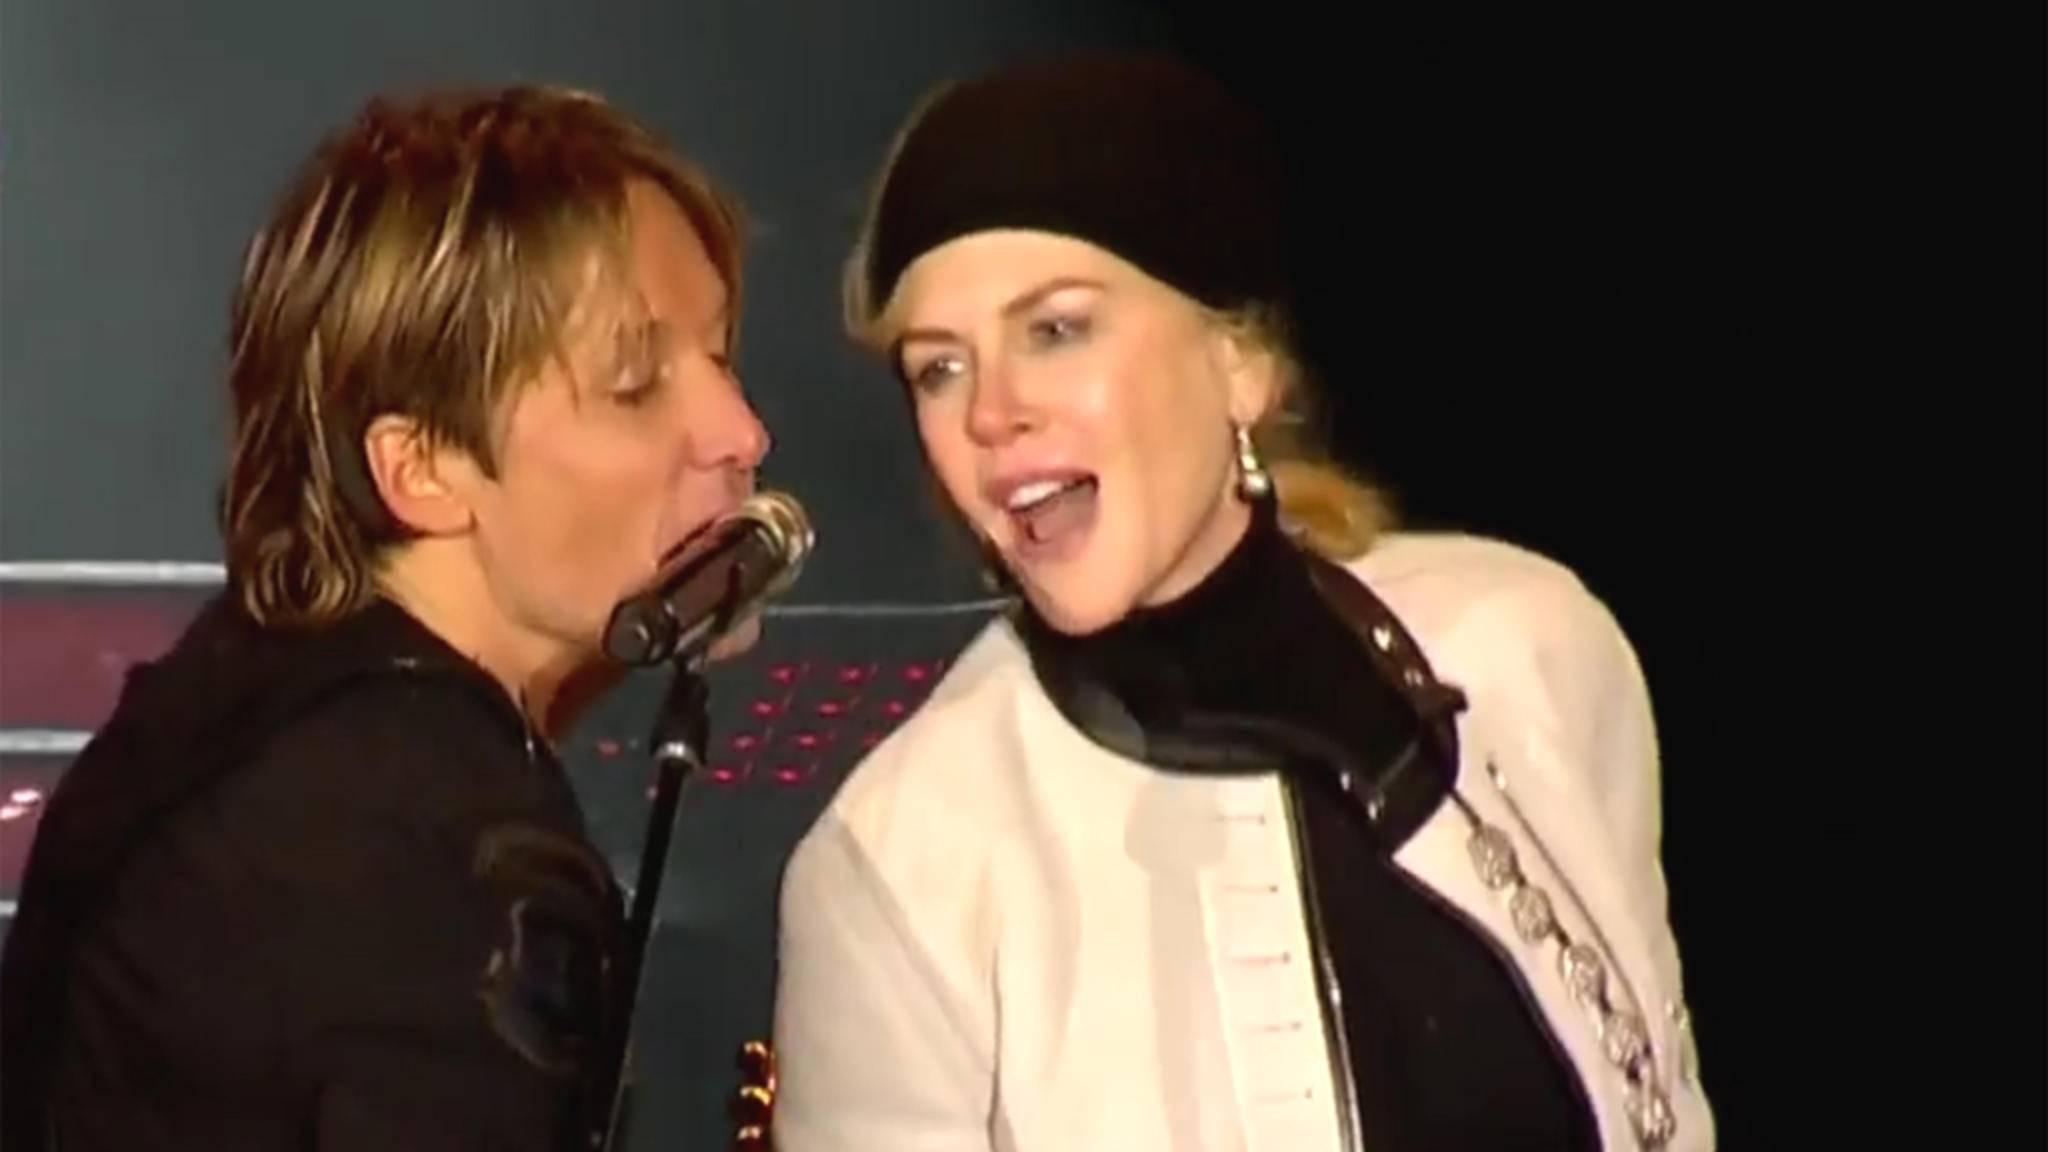 Keith Urban und Nicole Kidman sangen an Silvester zu Ehren von David Bowie und anderen 2016 verstorbenen Musikgrößen.